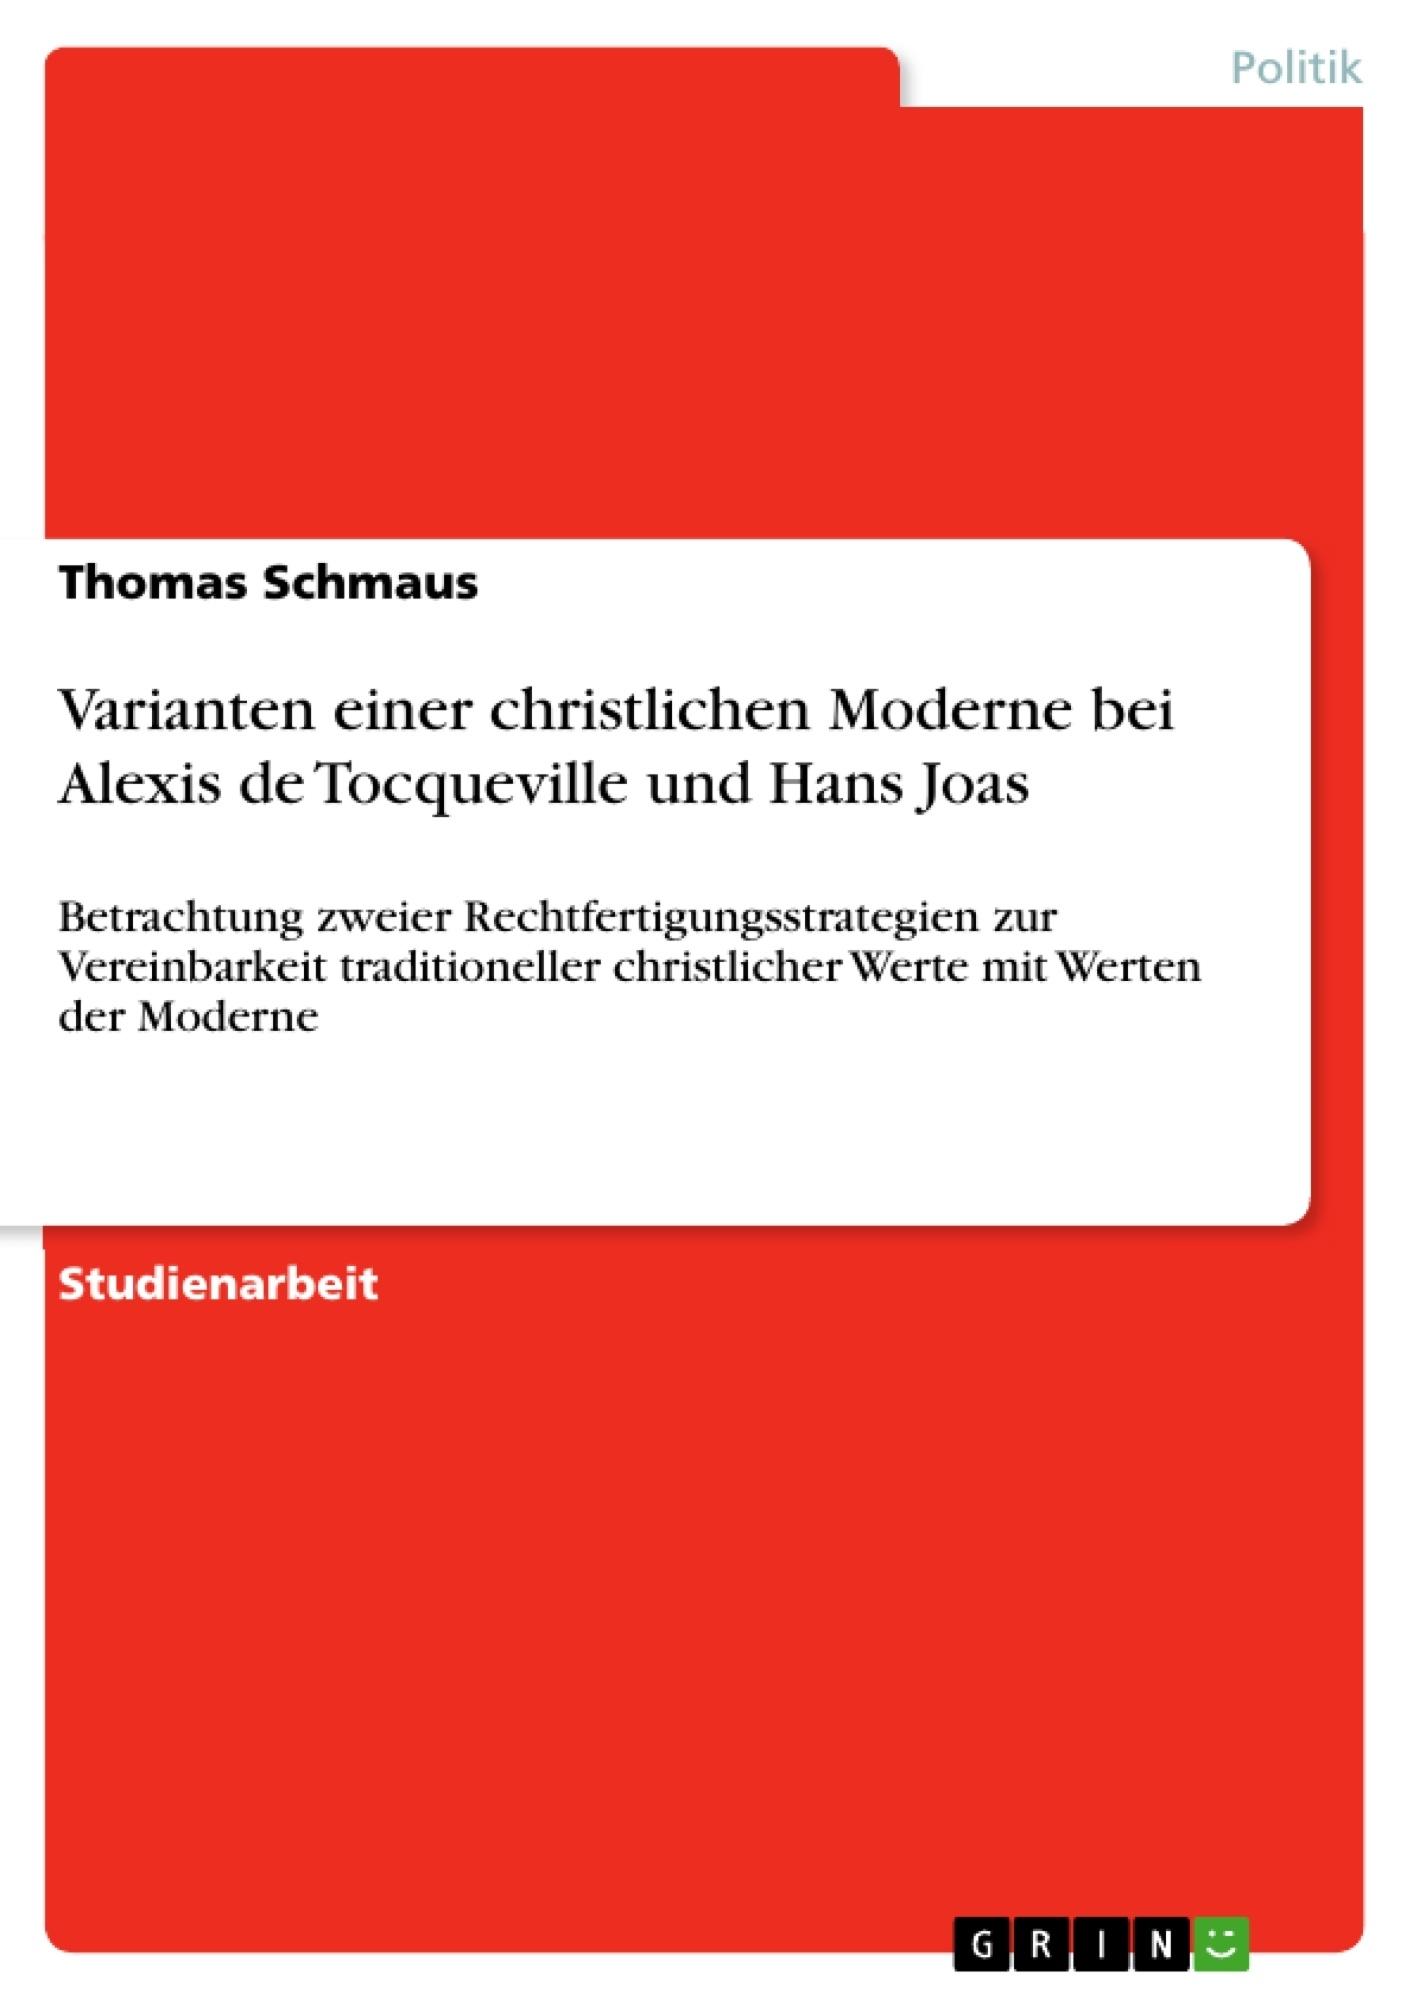 Titel: Varianten einer christlichen Moderne bei Alexis de Tocqueville und Hans Joas